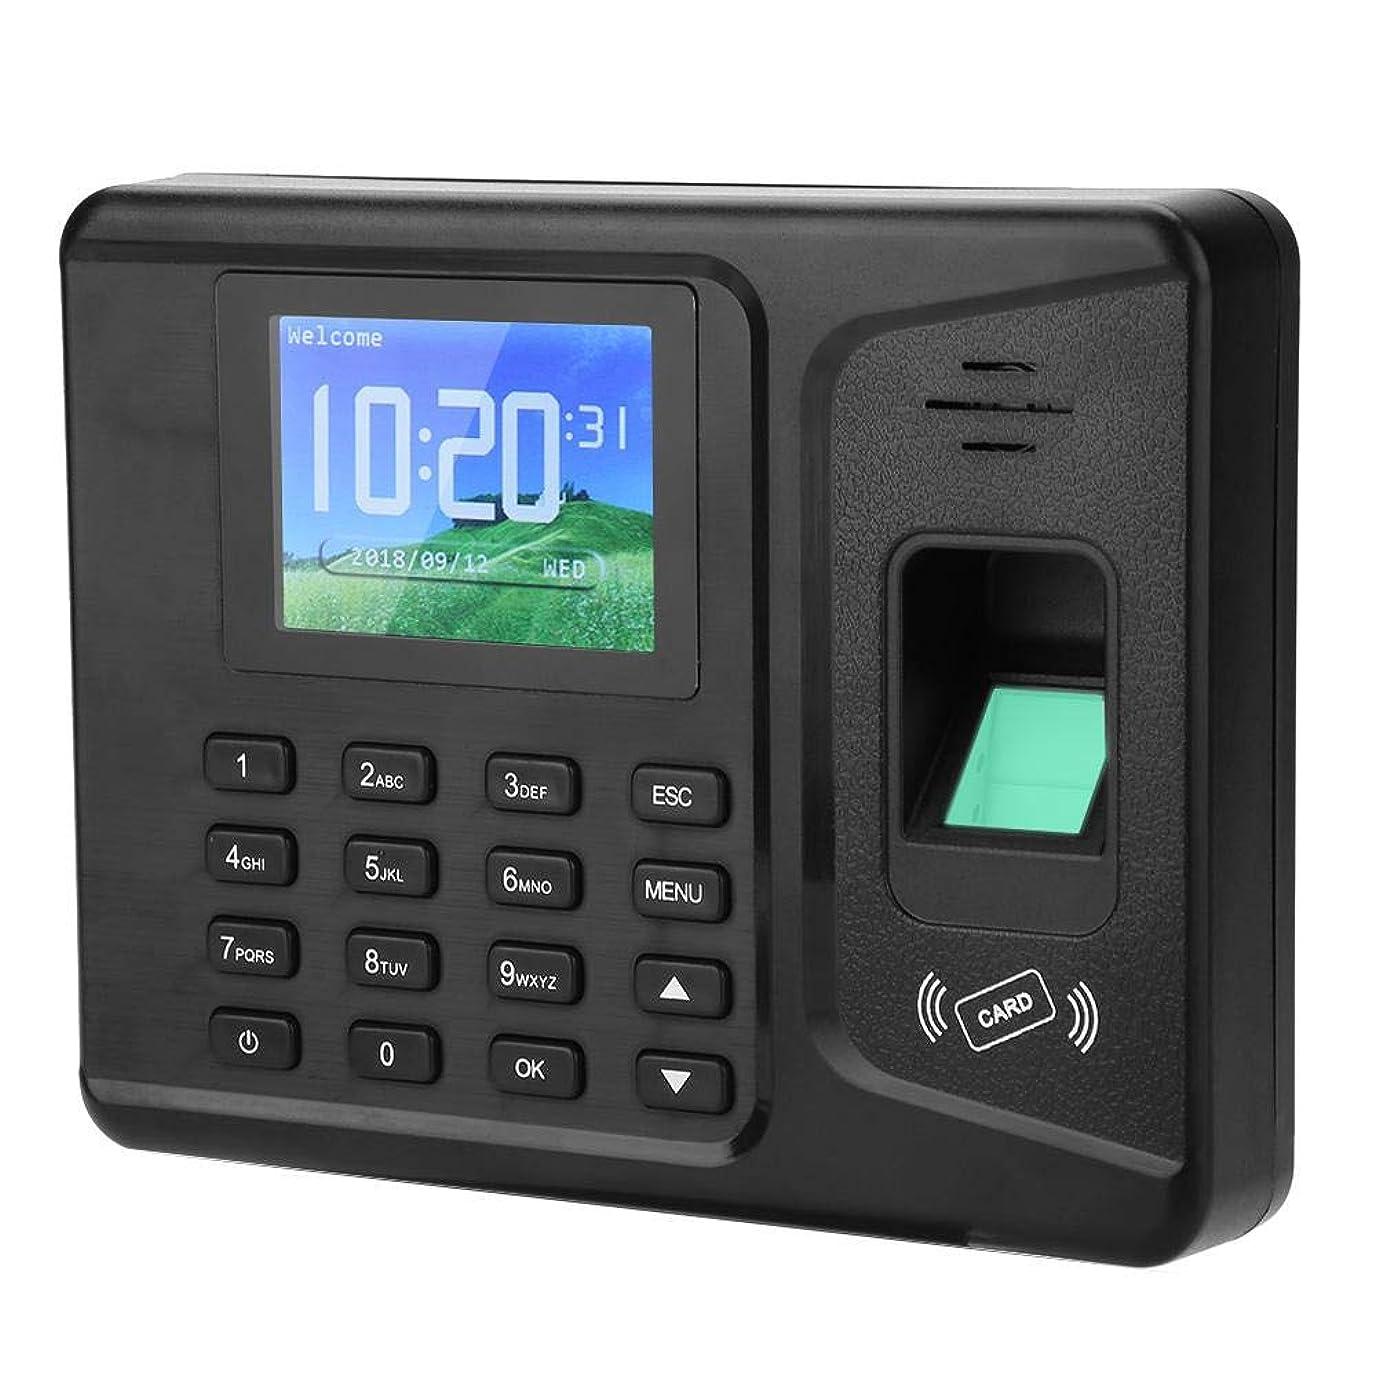 上院議員パッド郵便指紋レコーダー 指紋出席機械 指紋認証 2.8インチカラー従業員給与レコーダー機 アクセス管理 スタッフの管理器(US プラグ)